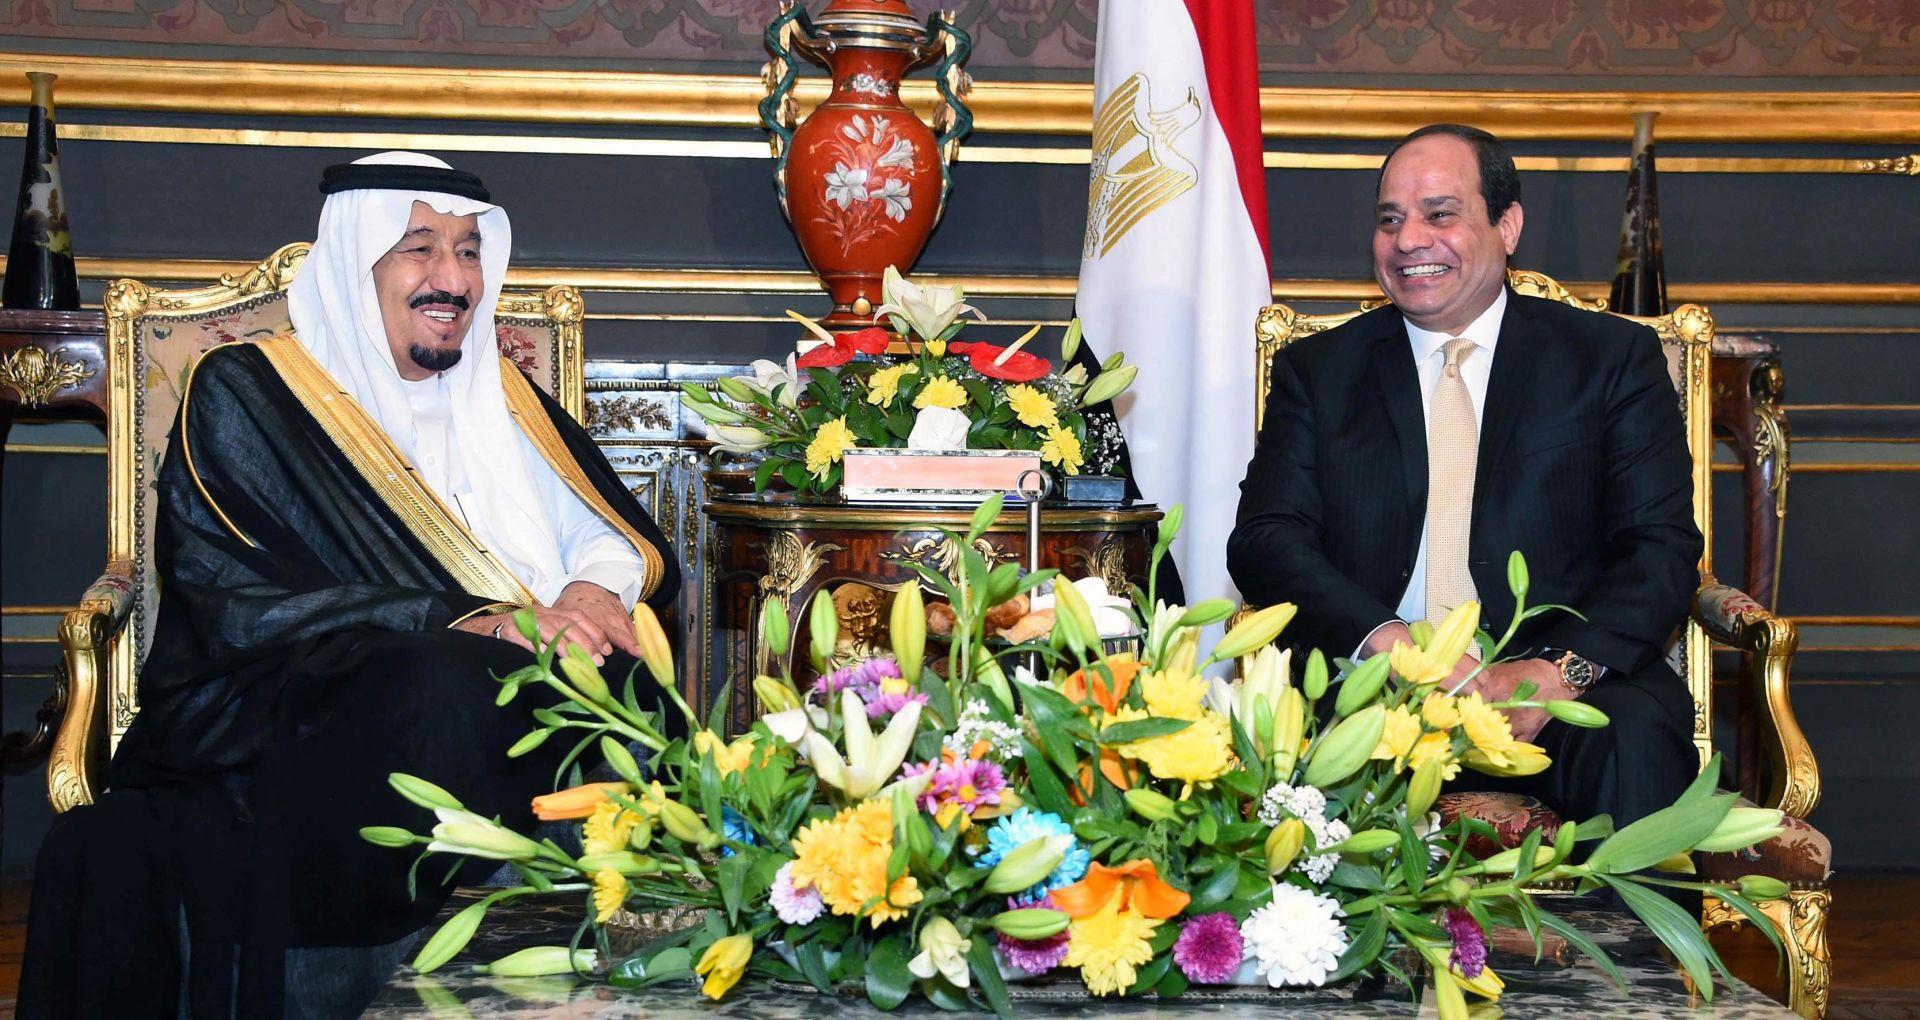 UŠUTKAO MINISTRE: Egipatski predsjednik Sisi branio odluku o predaji otoka u Crvenom moru